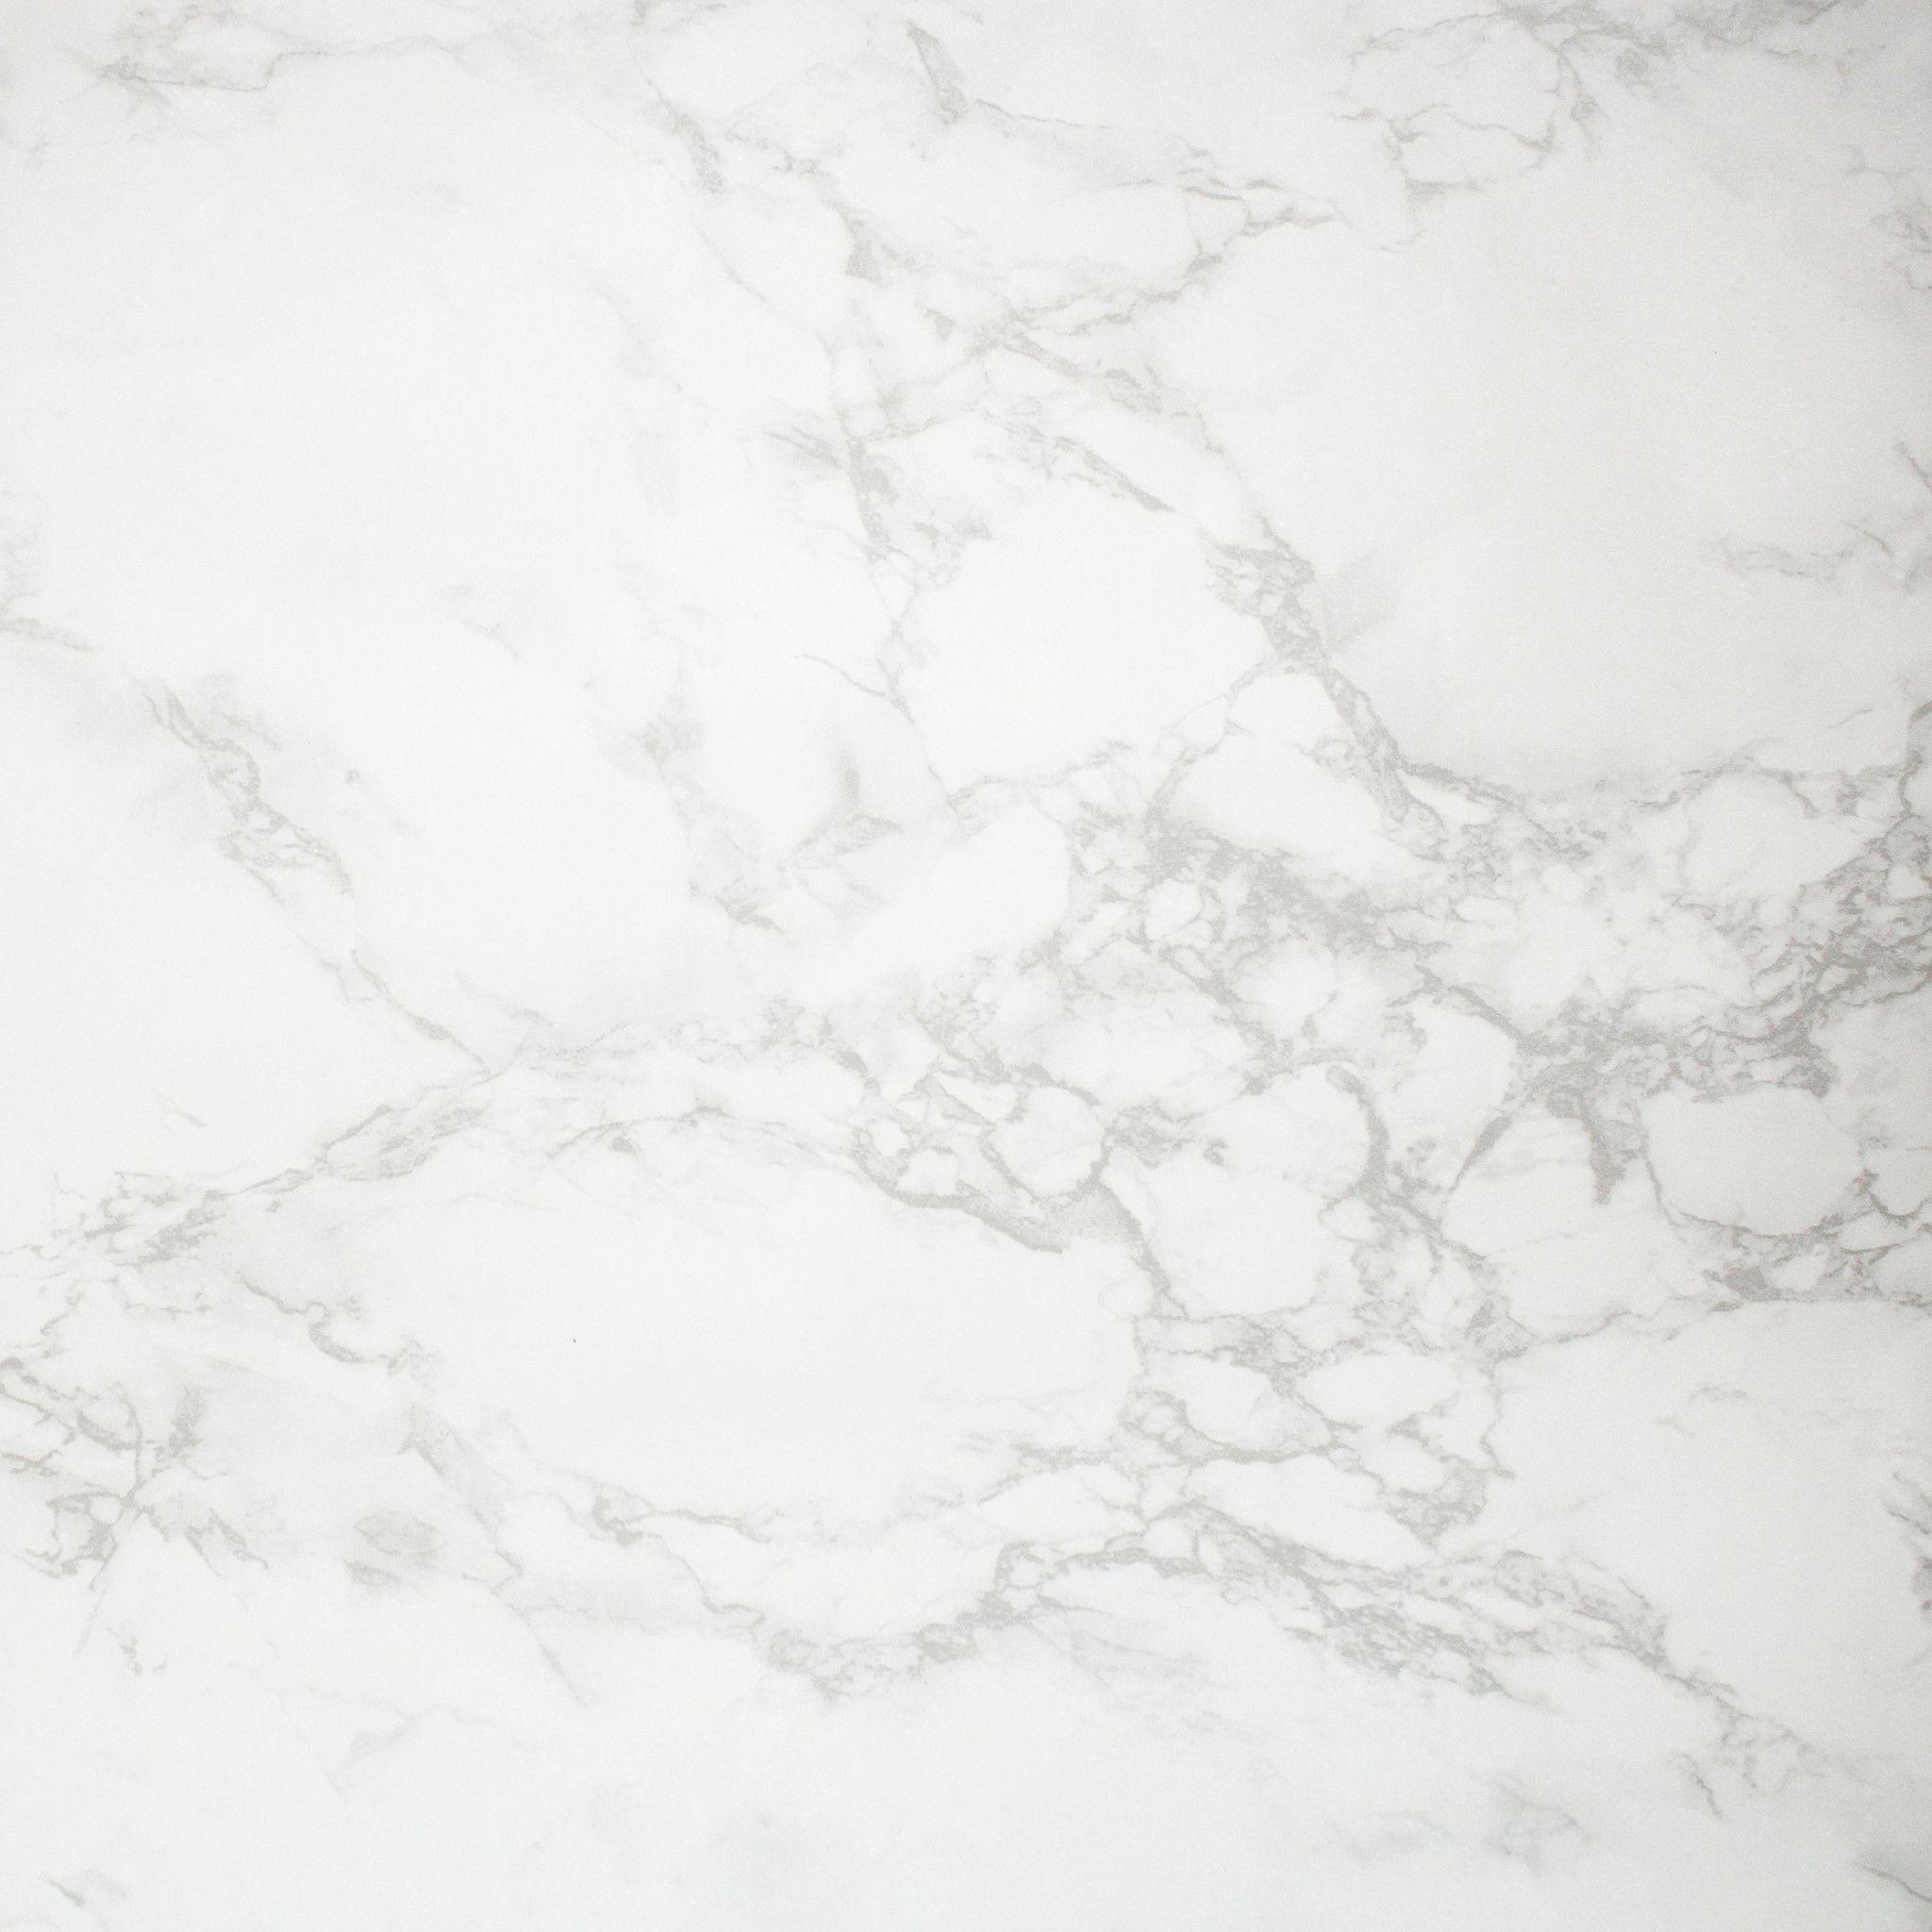 M rmol blanco 2 texturas pinterest m rmol blanco for Marmol color blanco